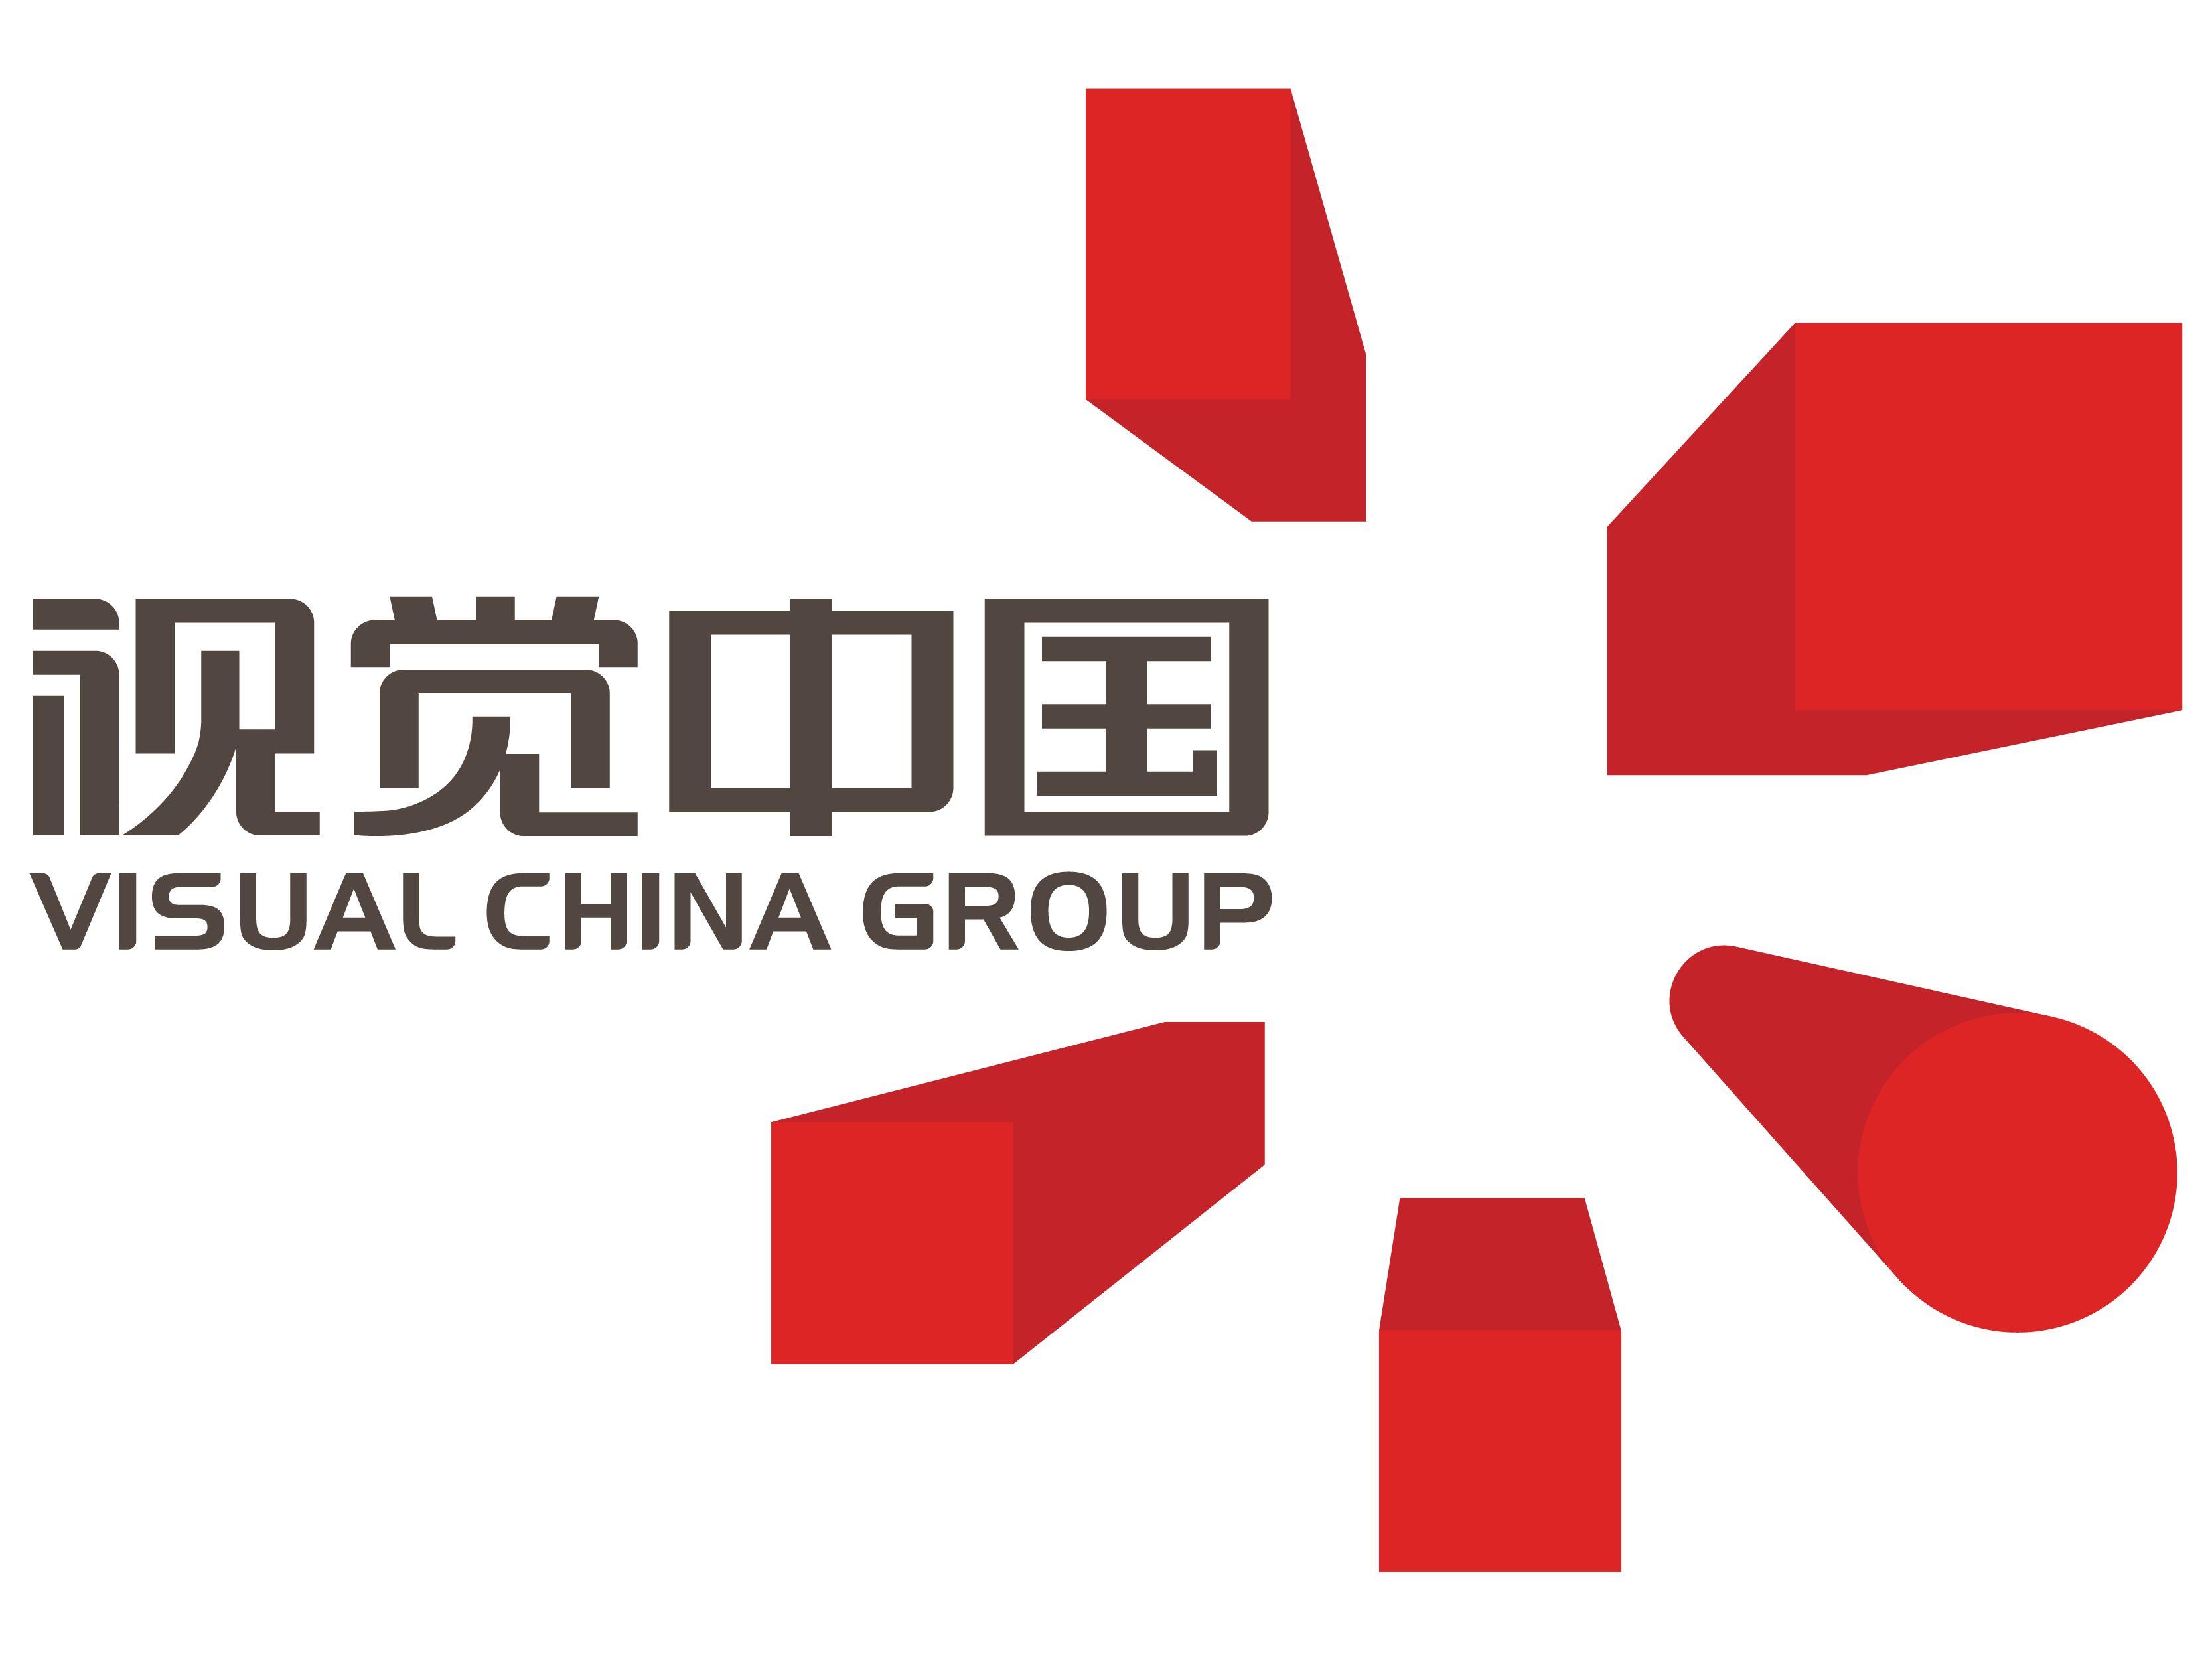 视觉中国恢复网上运营 关站一月市值蒸发60亿